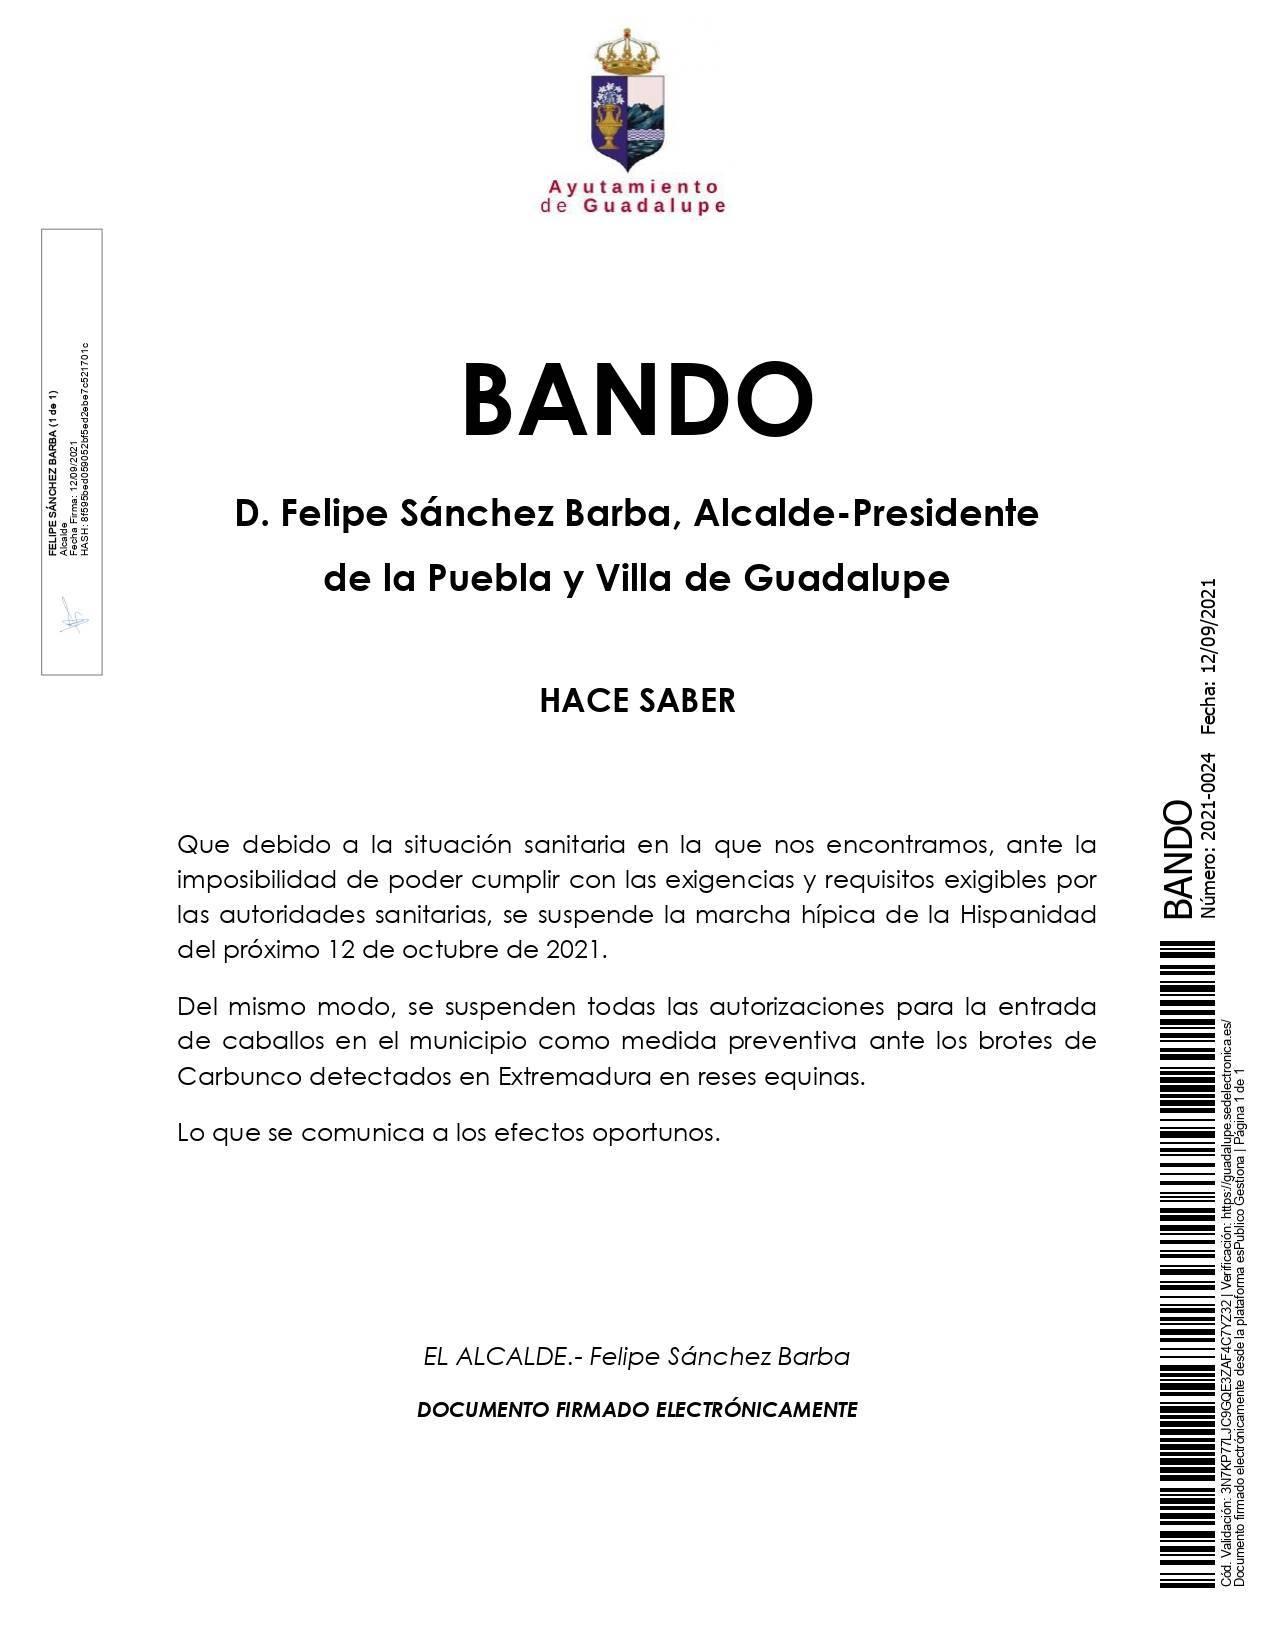 Suspendida la marcha hípica de la Hispanidad (2021) - Guadalupe (Cáceres)